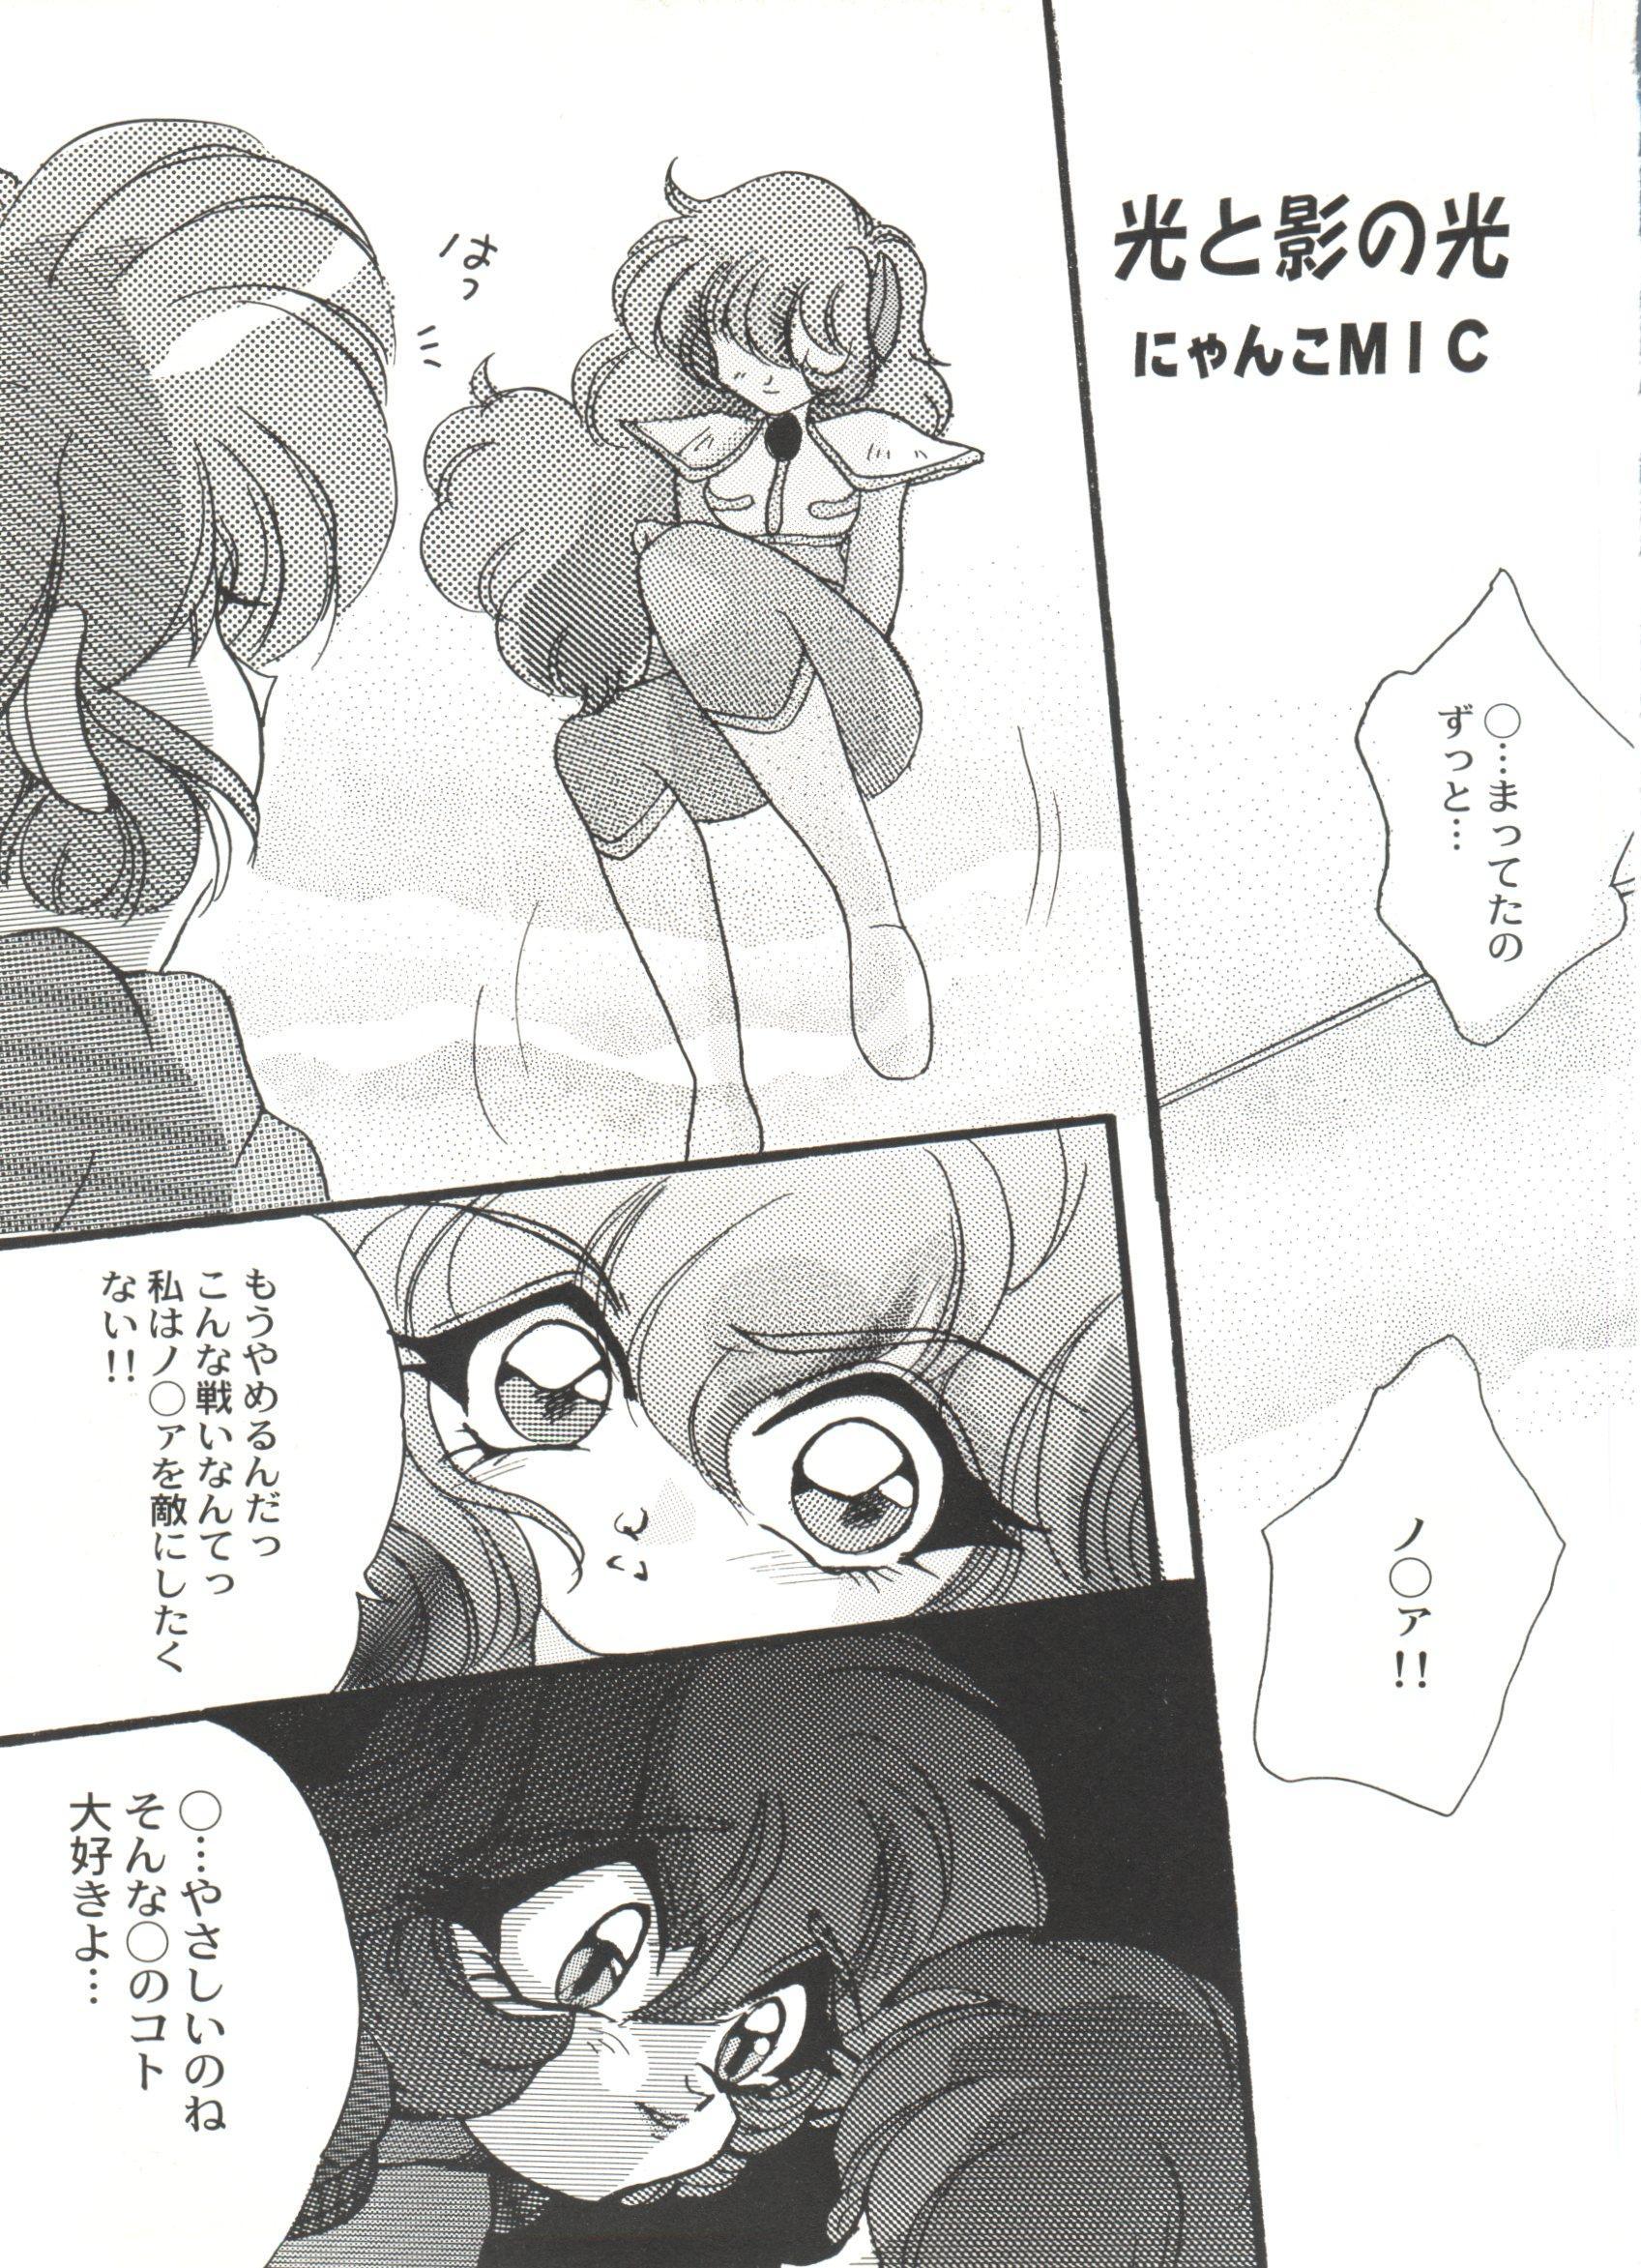 Bishoujo Doujinshi Anthology Cute 5 61